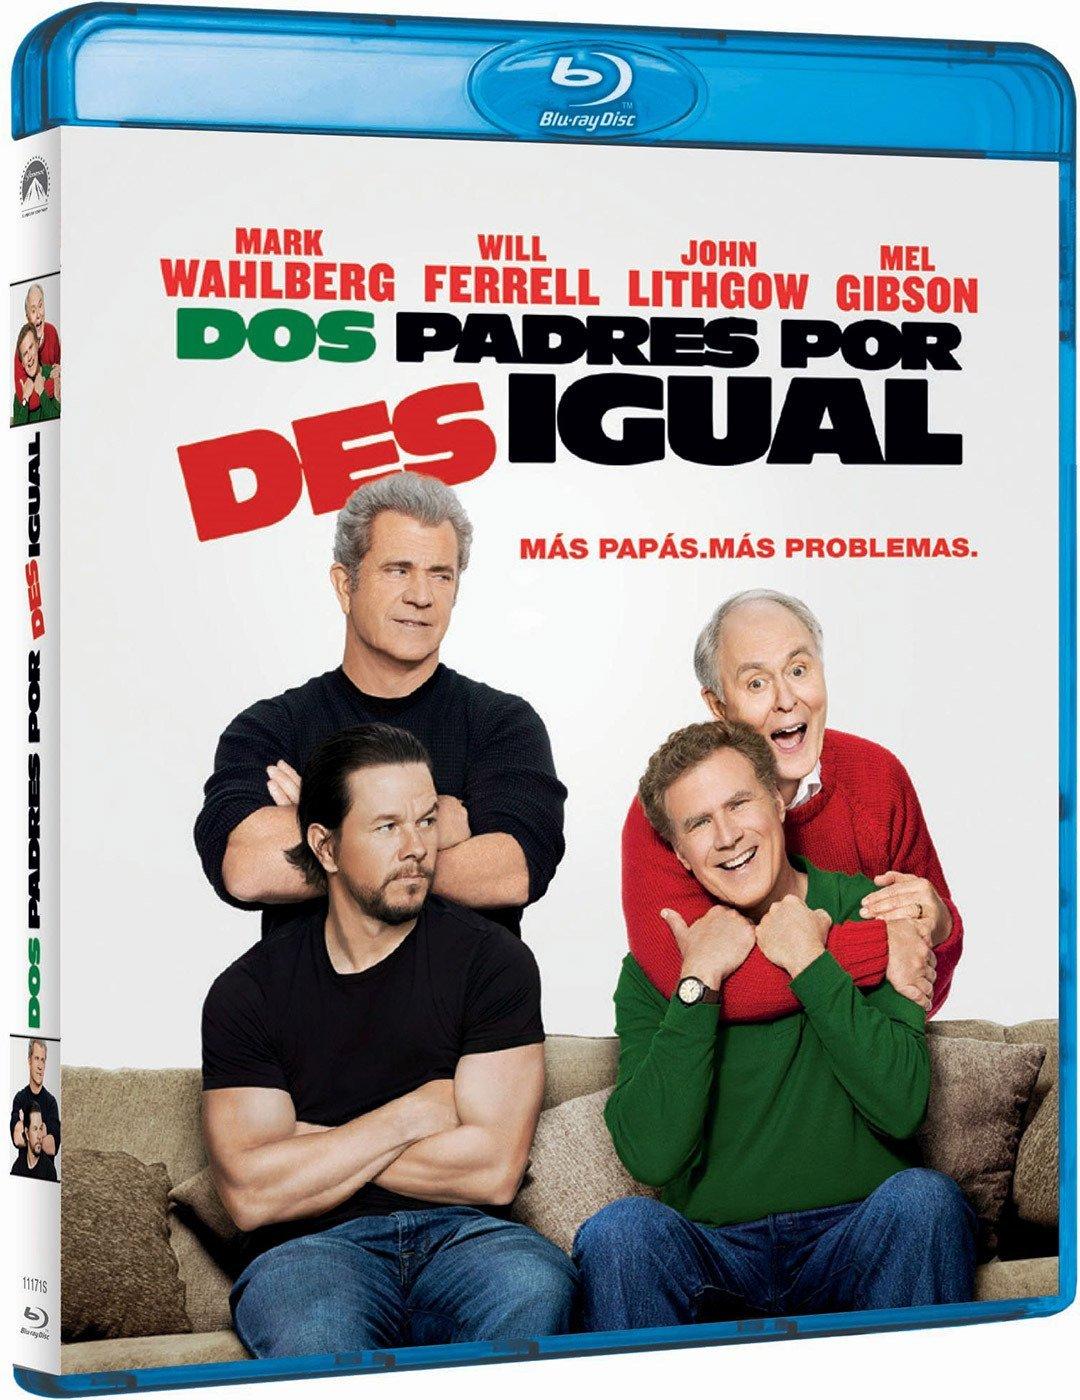 Dos Padres Por Desigual [Blu-ray]